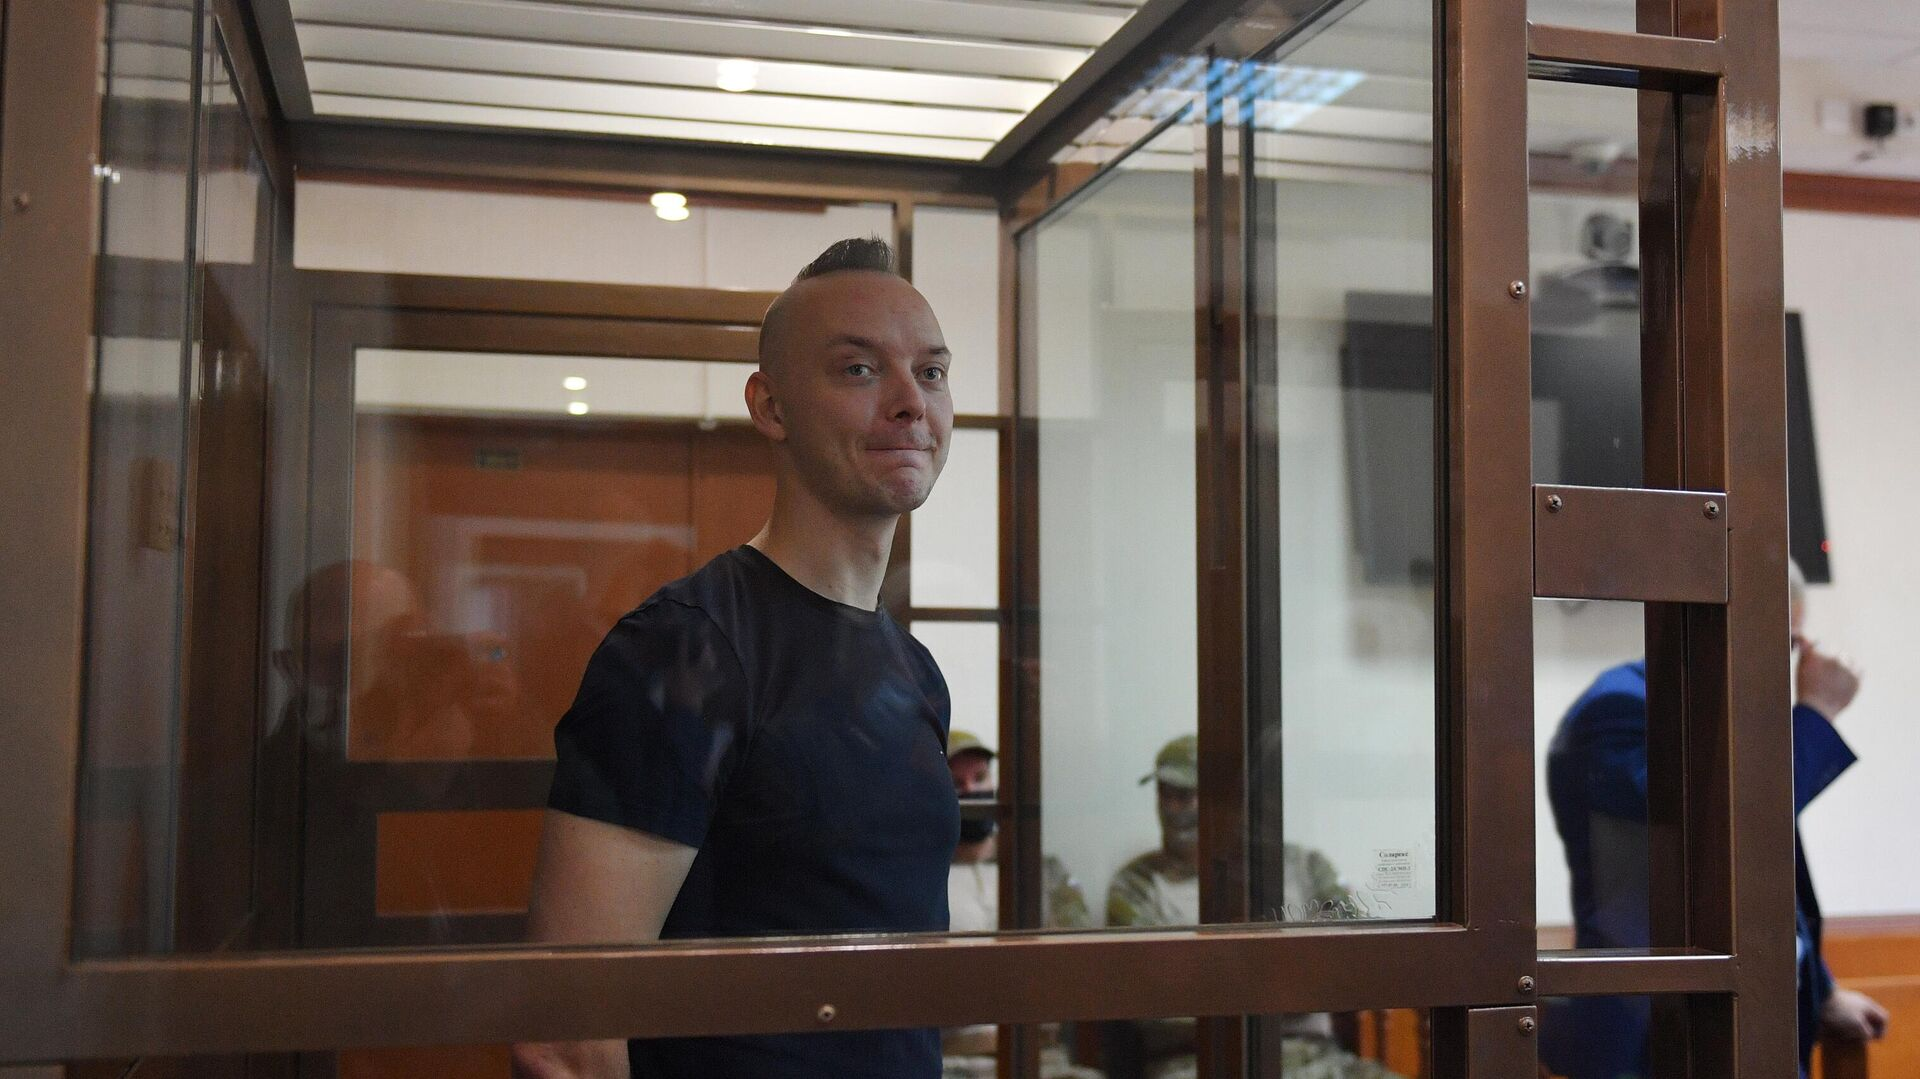 Иван Сафронов в суде - РИА Новости, 1920, 02.03.2021